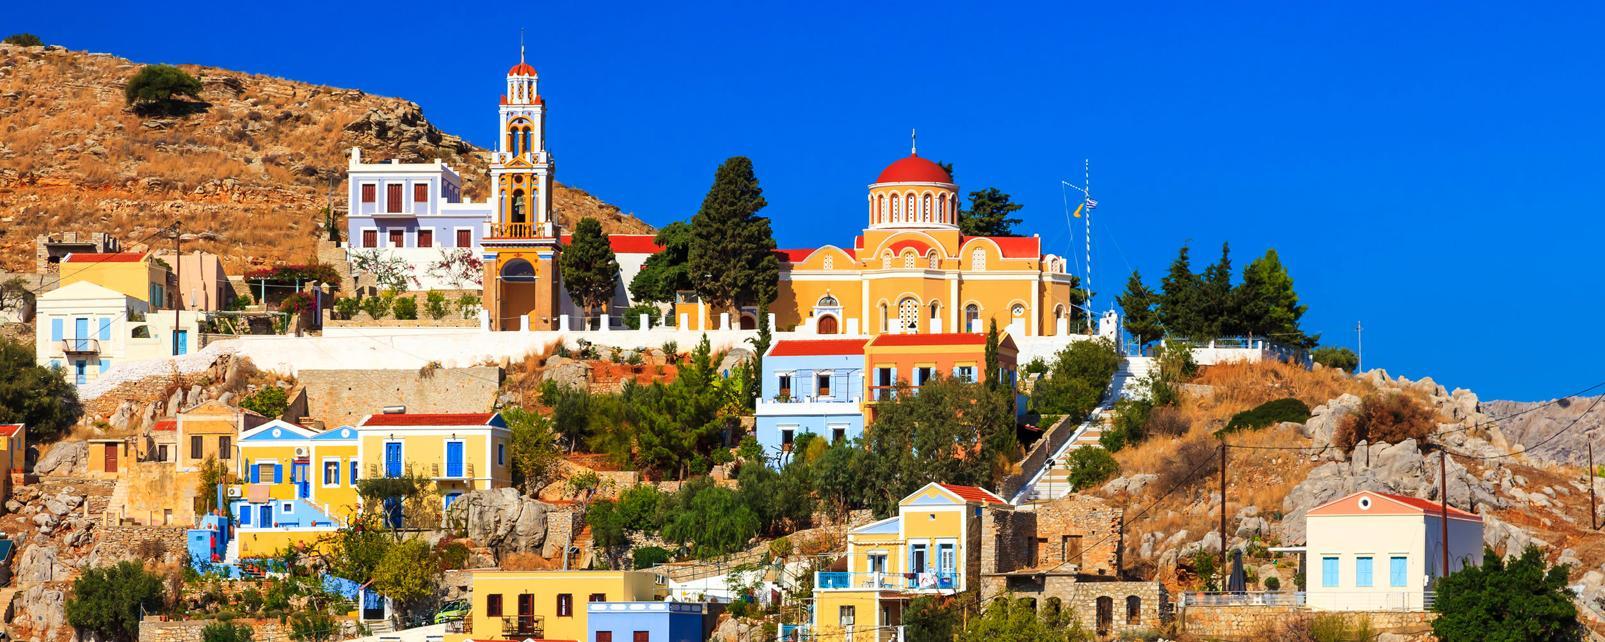 Europe, Grèce, Dodécanèse, Symi, ville, maisons colorées, barques, église, mer, arbre,